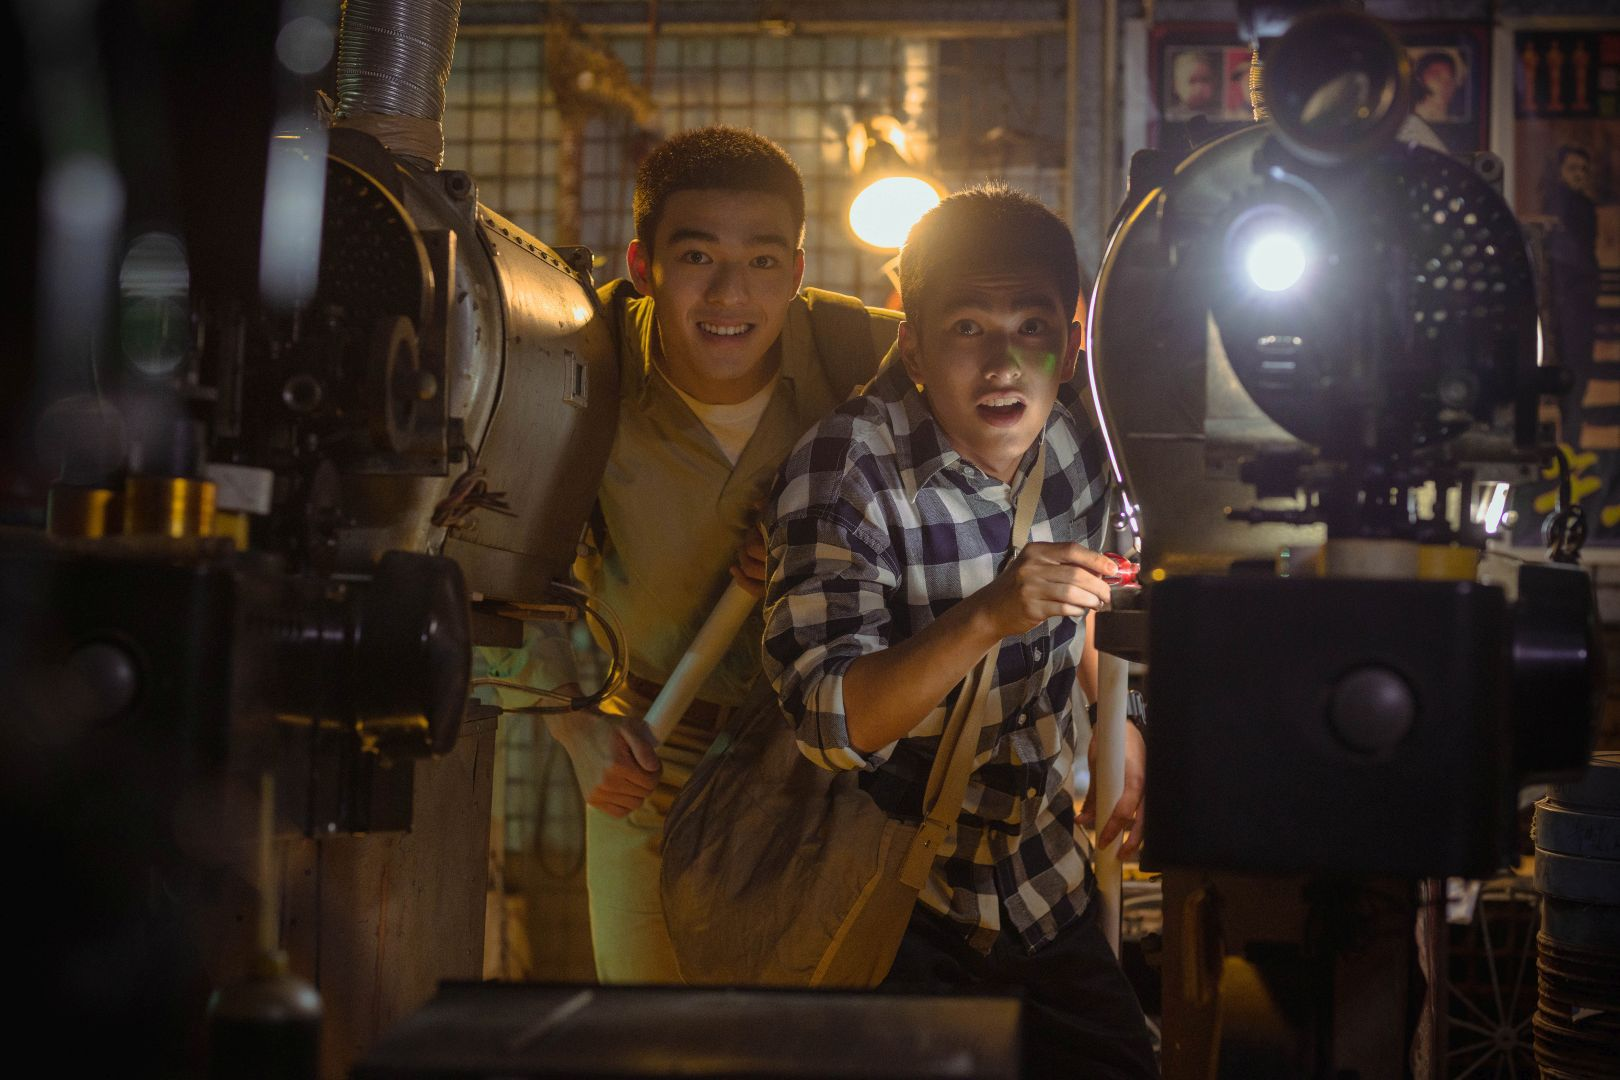 《刻在你心底的名字》新生代演員陳昊森(左)與曾敬驊(右)片中飾演高中生,共譜史詩青春般的愛情故事_氧氣電影提供